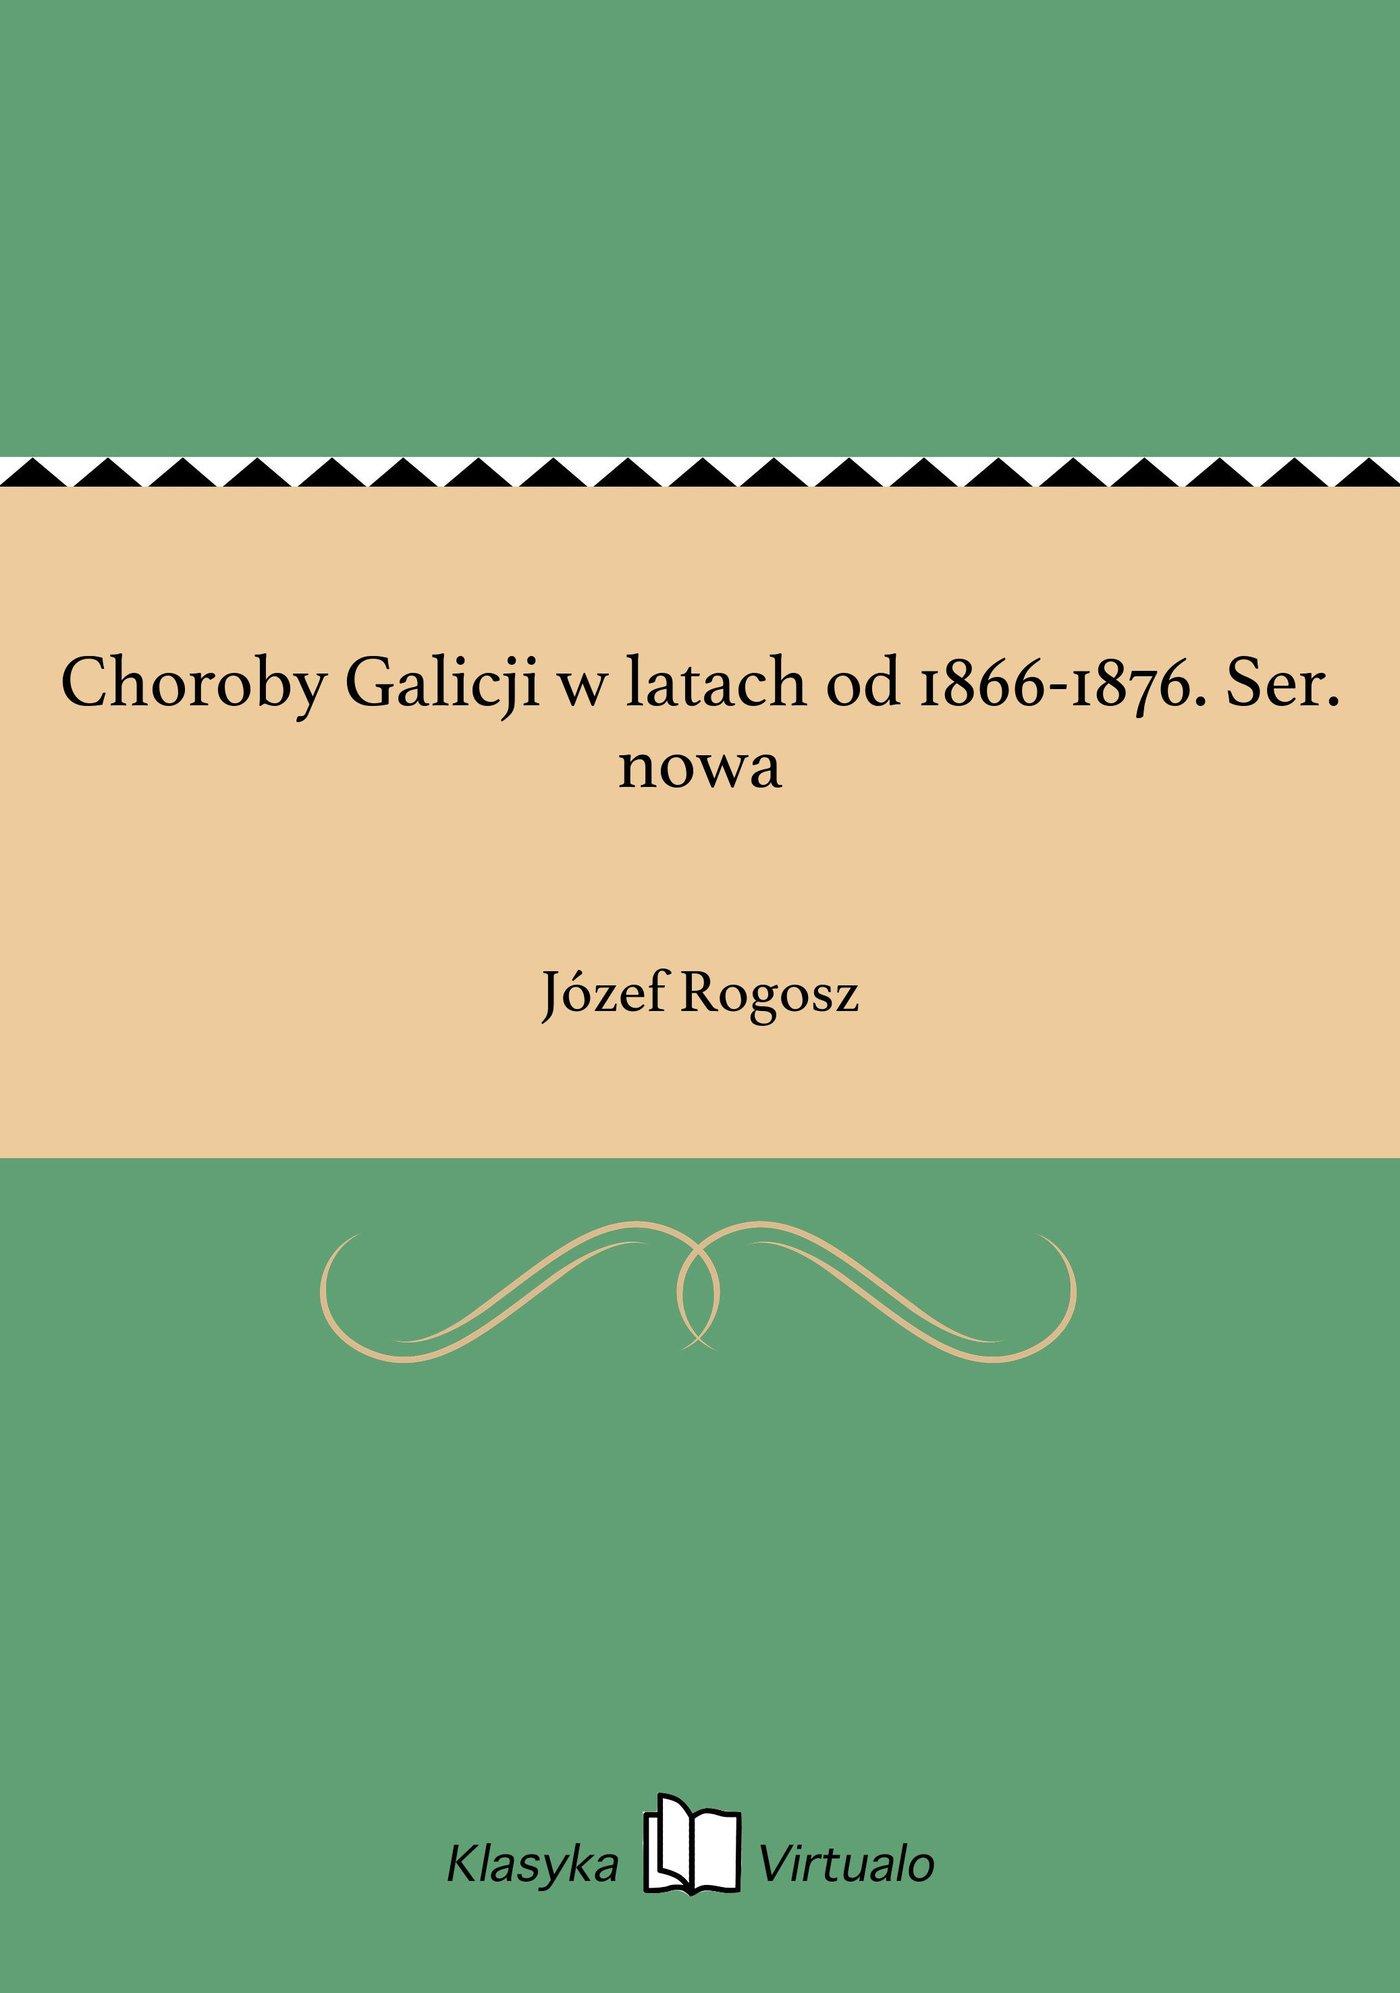 Choroby Galicji w latach od 1866-1876. Ser. nowa - Ebook (Książka na Kindle) do pobrania w formacie MOBI